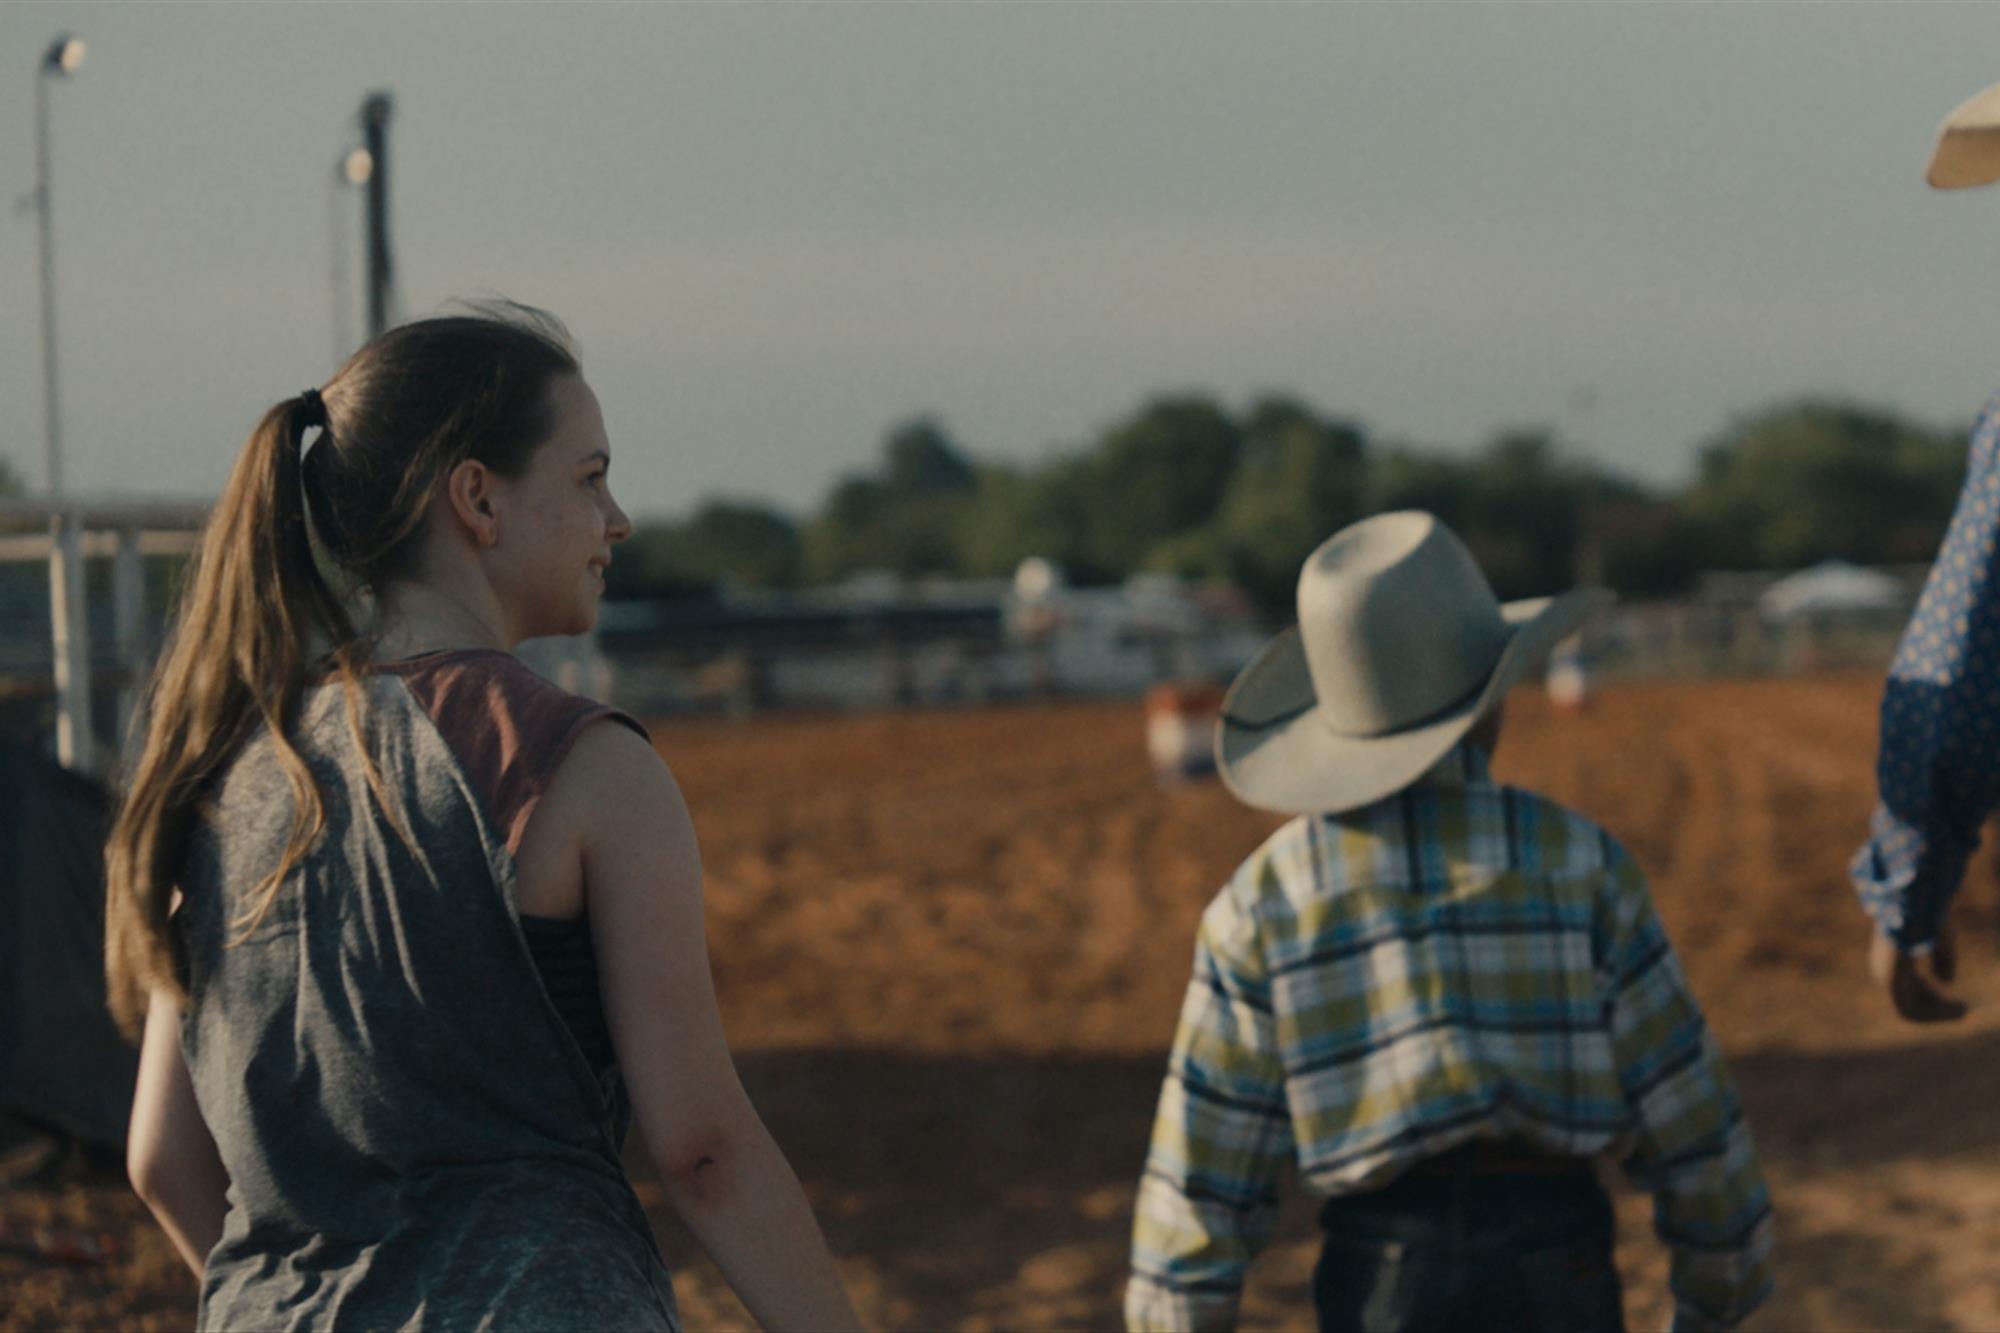 👁 Каннский кинофестиваль 2019: 10 главных фильмов, снятых женщинами